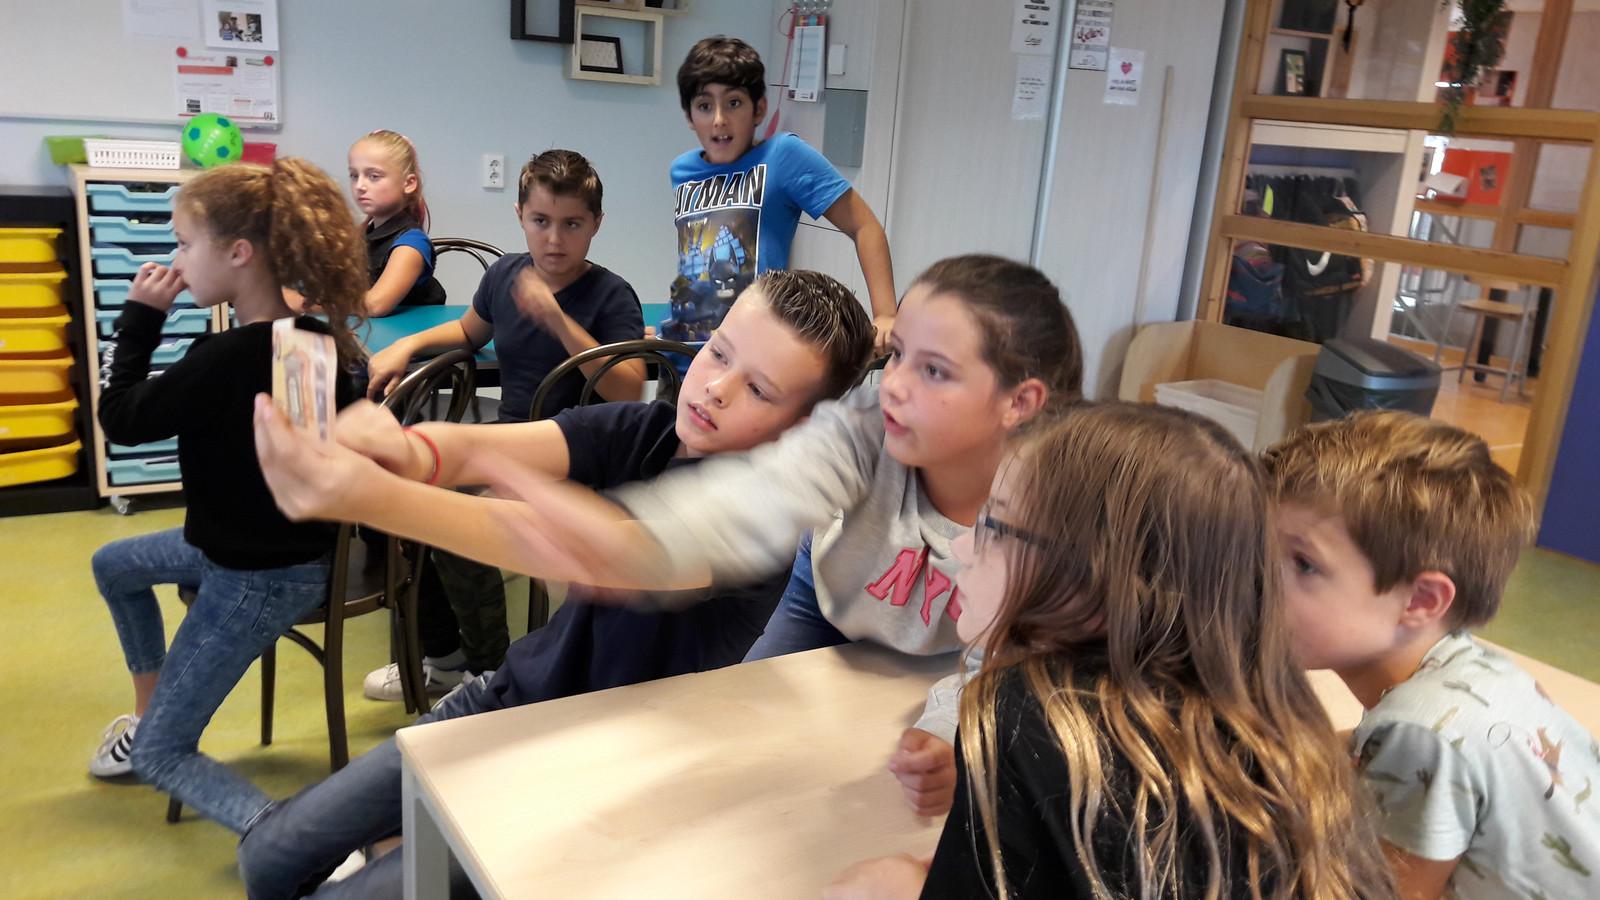 Leerlingen van de Boschuil in Eindhoven controleren een bankbiljet op echtheid tijdens les van minister Wopke Hoekstra.